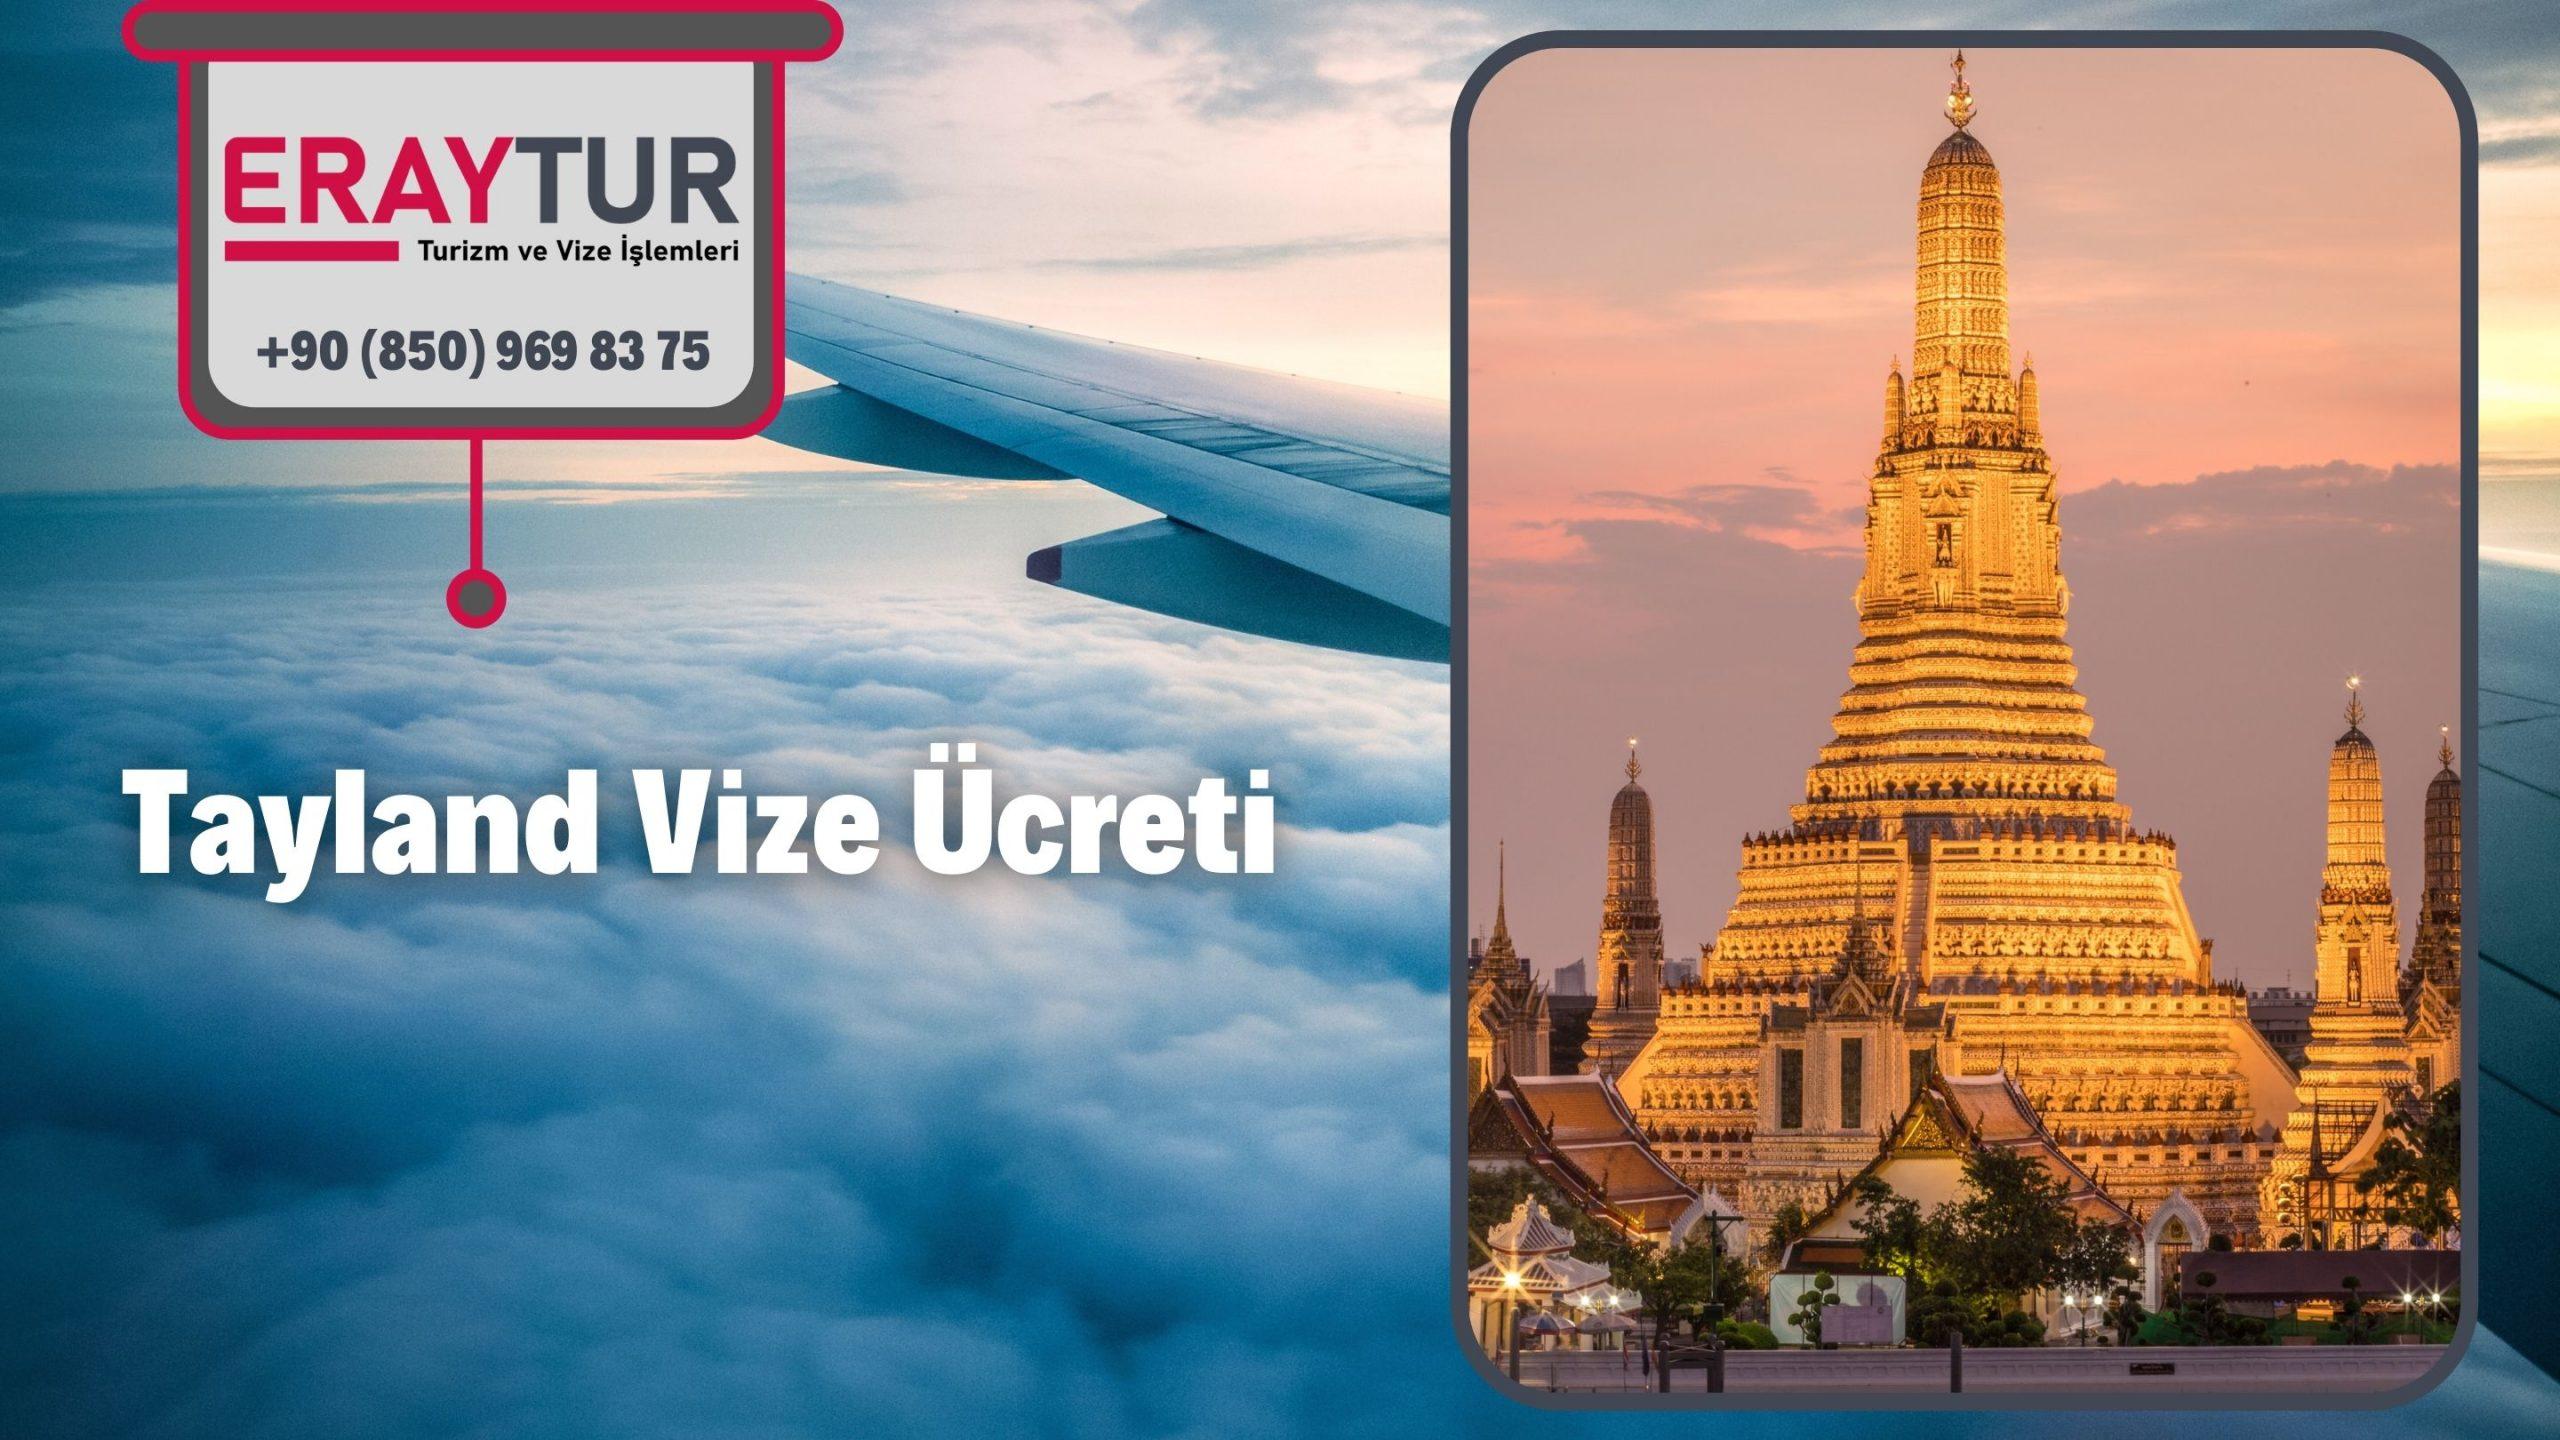 Tayland Vize Ücreti